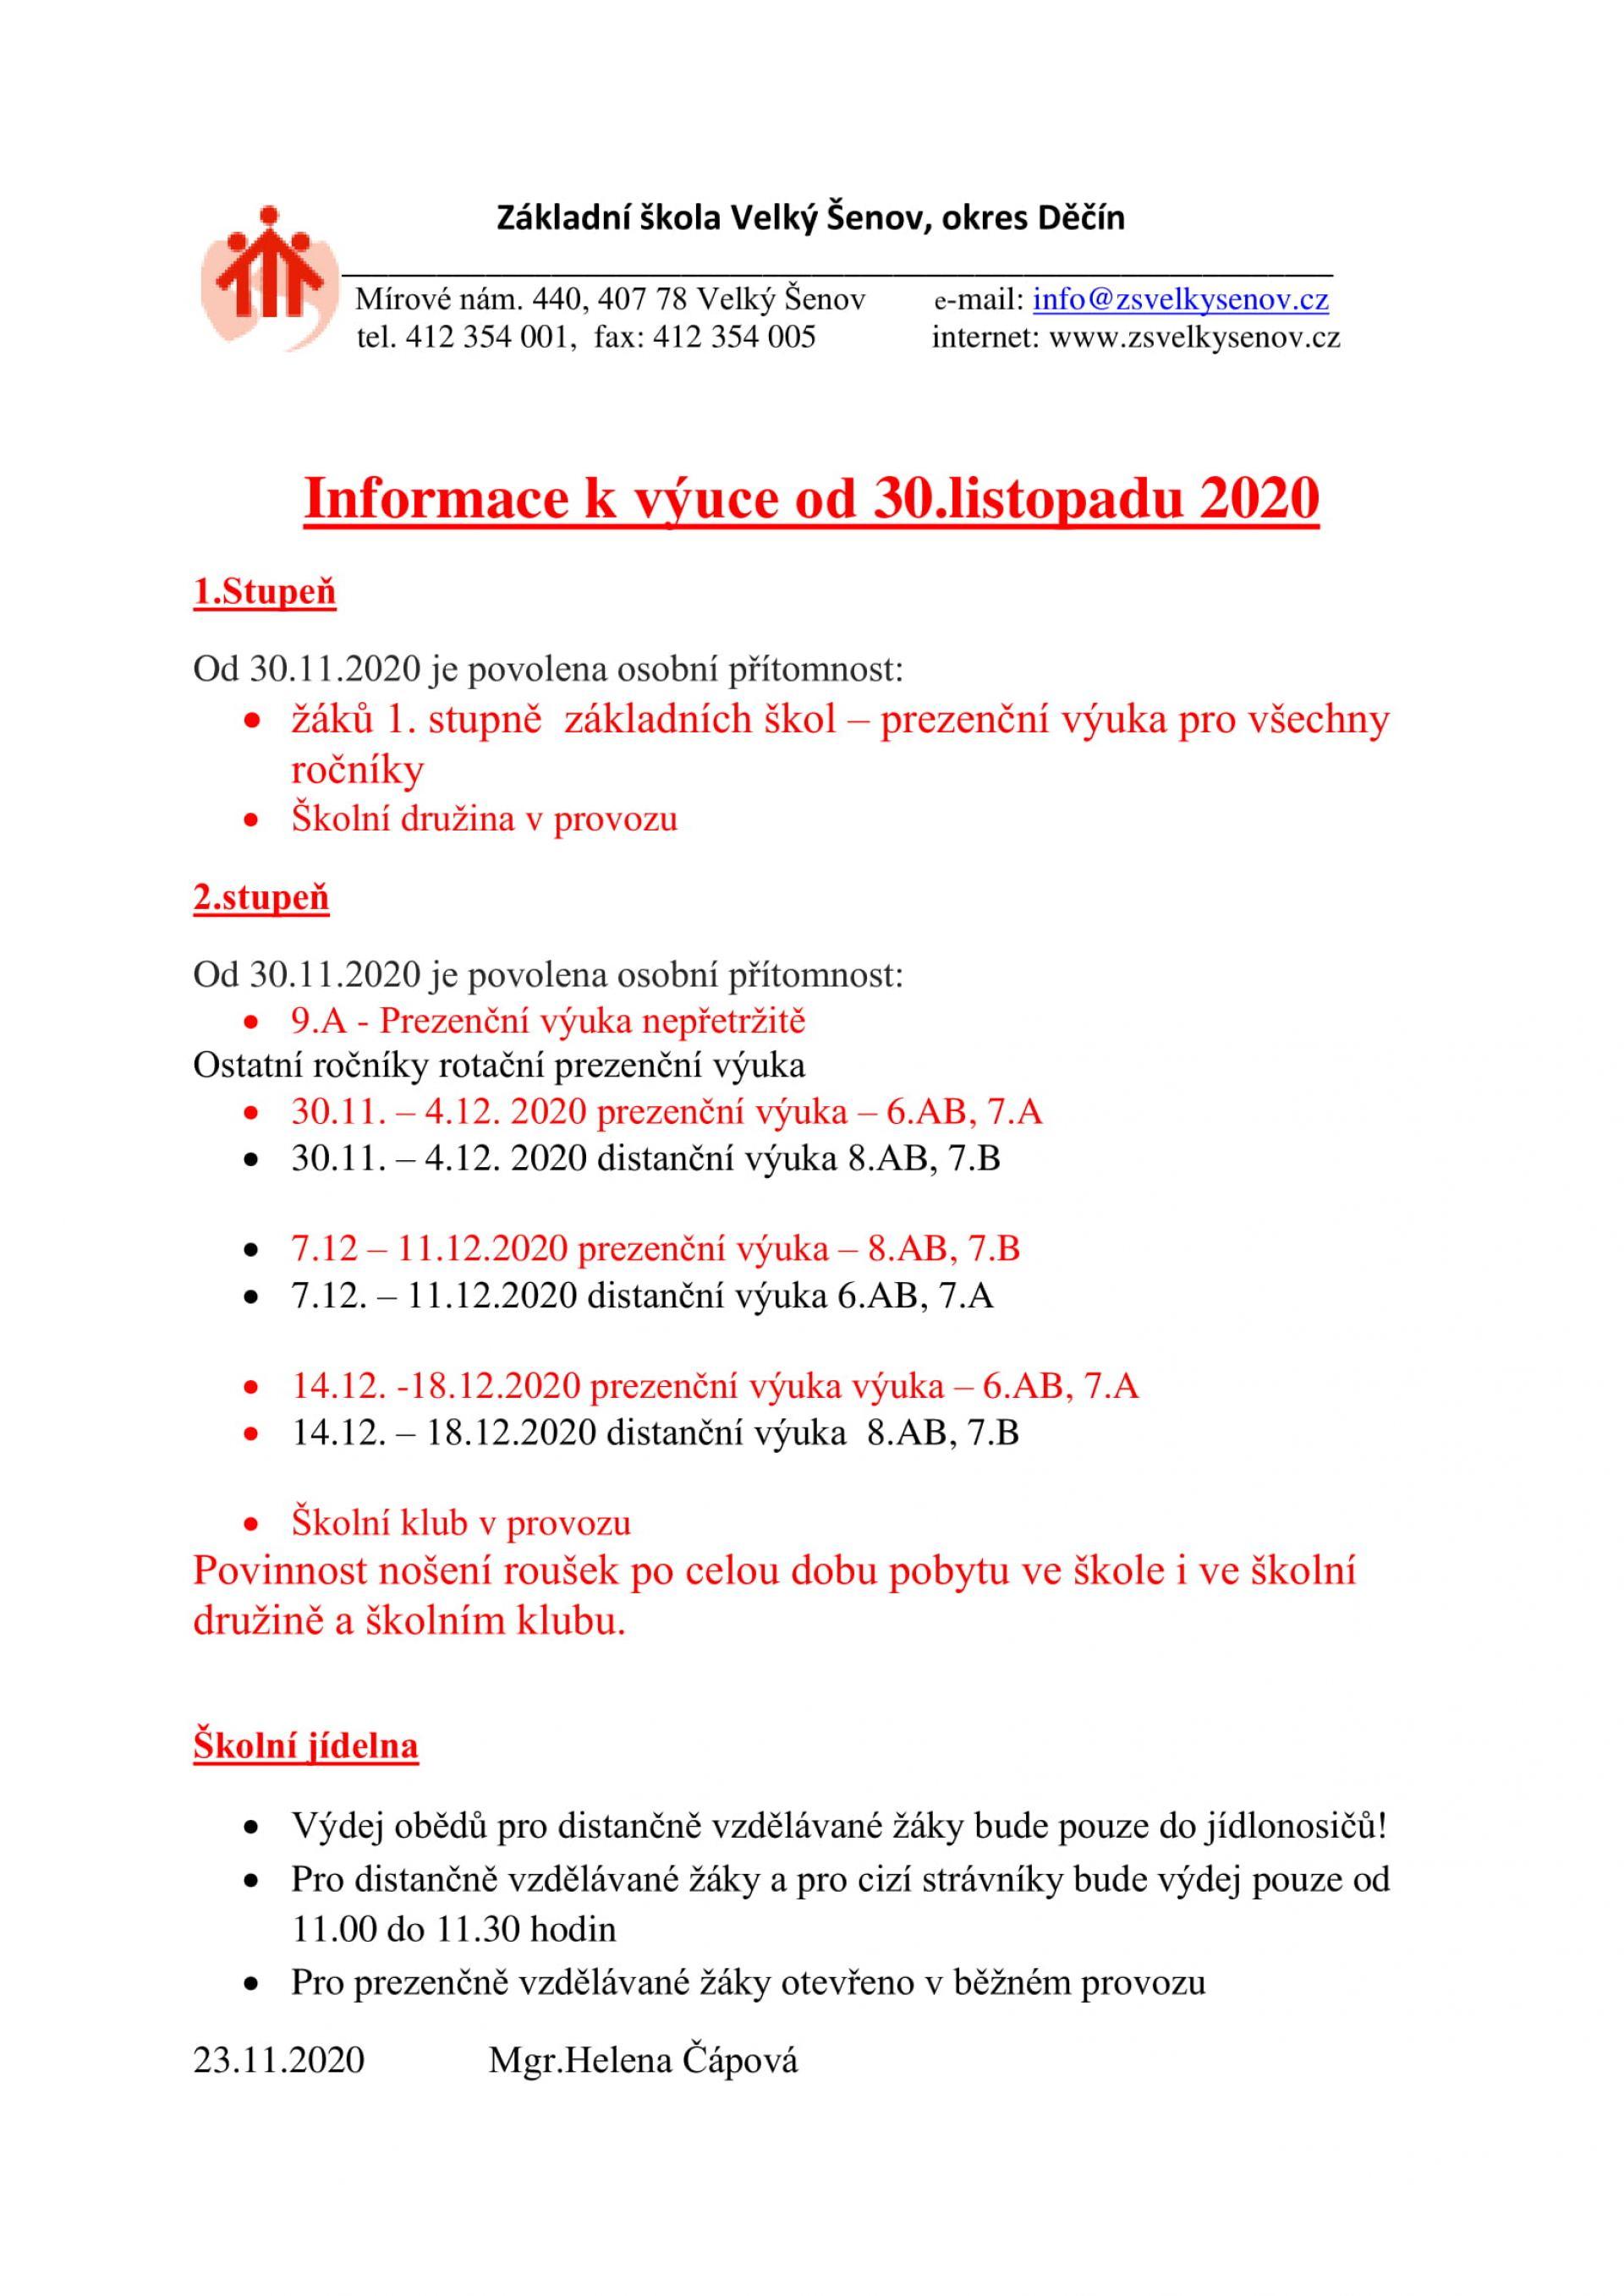 Informace k výuce od 30.11.2020